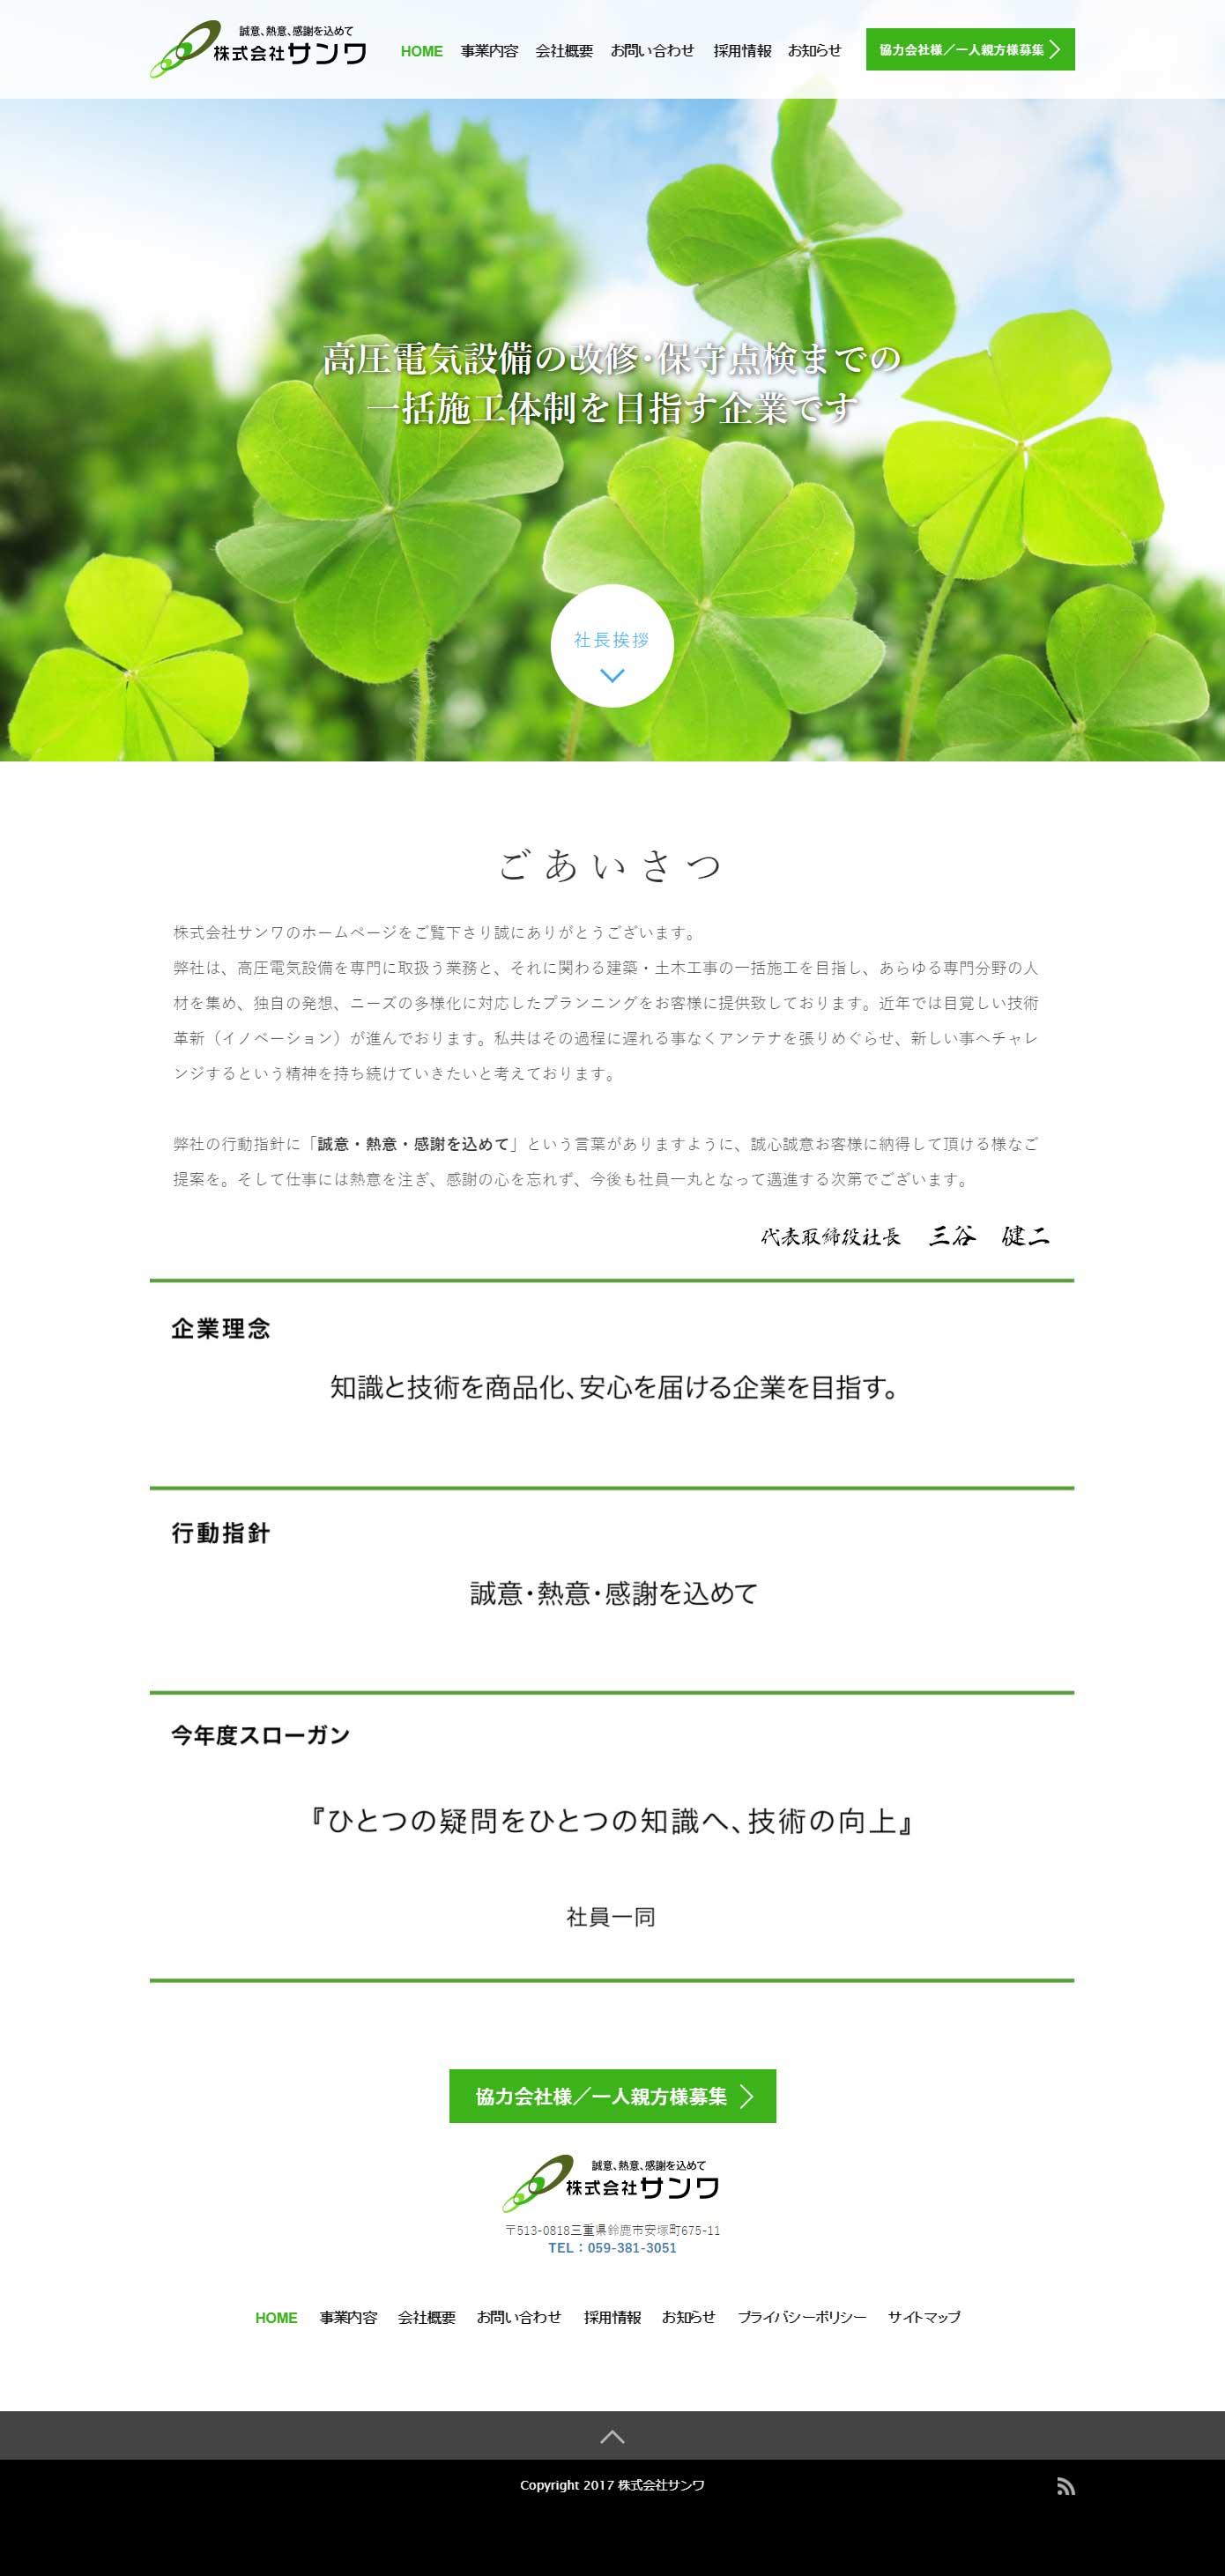 三重県鈴鹿市の電気工事・太陽光発電・建築土木